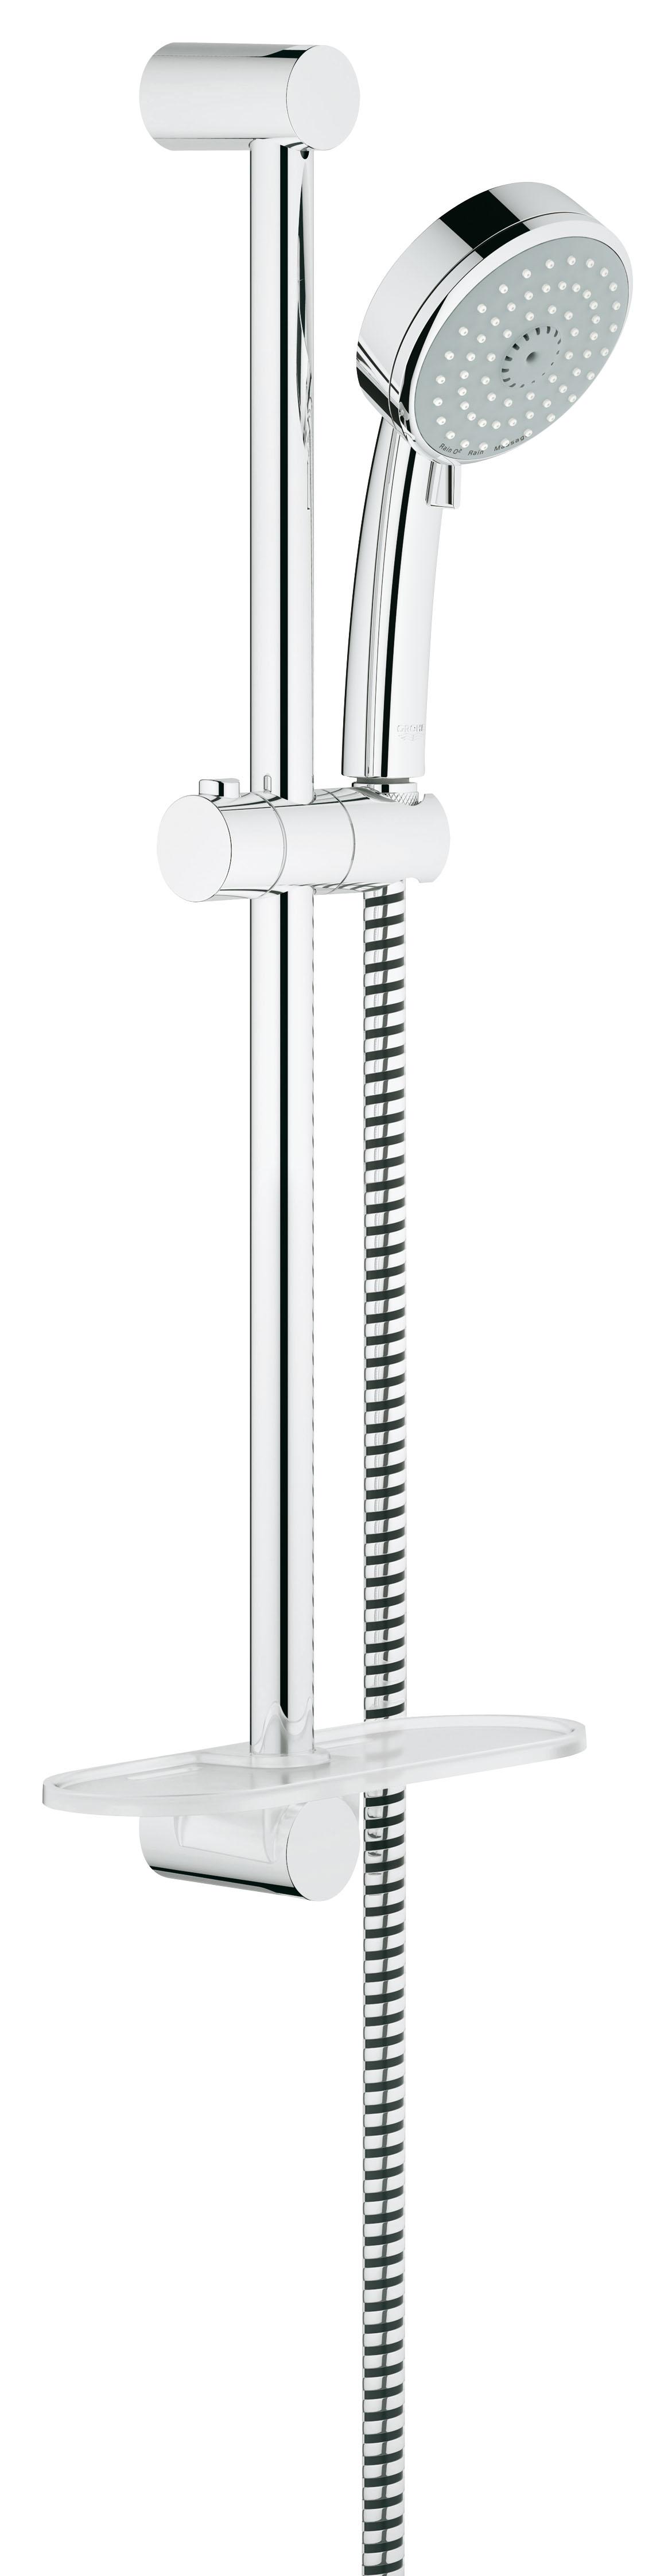 Душевой гарнитур Grohe Tempesta Cosmopolitan 100, 3 режима. (27929001)655.01Состоит из Ручной душ (27 572 001) Душевая штанга, 600 мм (27 521 000) Душевой шланг Relexaflex 1750 мм 1/2? x 1/2? (28 154 000) Полочка GROHE EasyReach™(27 596 000) GROHE DreamSpray превосходный поток воды GROHE StarLight хромированная поверхностьС системой SpeedClean против известковых отложений Внутренний охлаждающий канал для продолжительного срока службы Может использоваться с проточным водонагревателем Минимальное давление 1,0 барВидео по установке является исключительно информационным. Установка должна проводиться профессионалами!